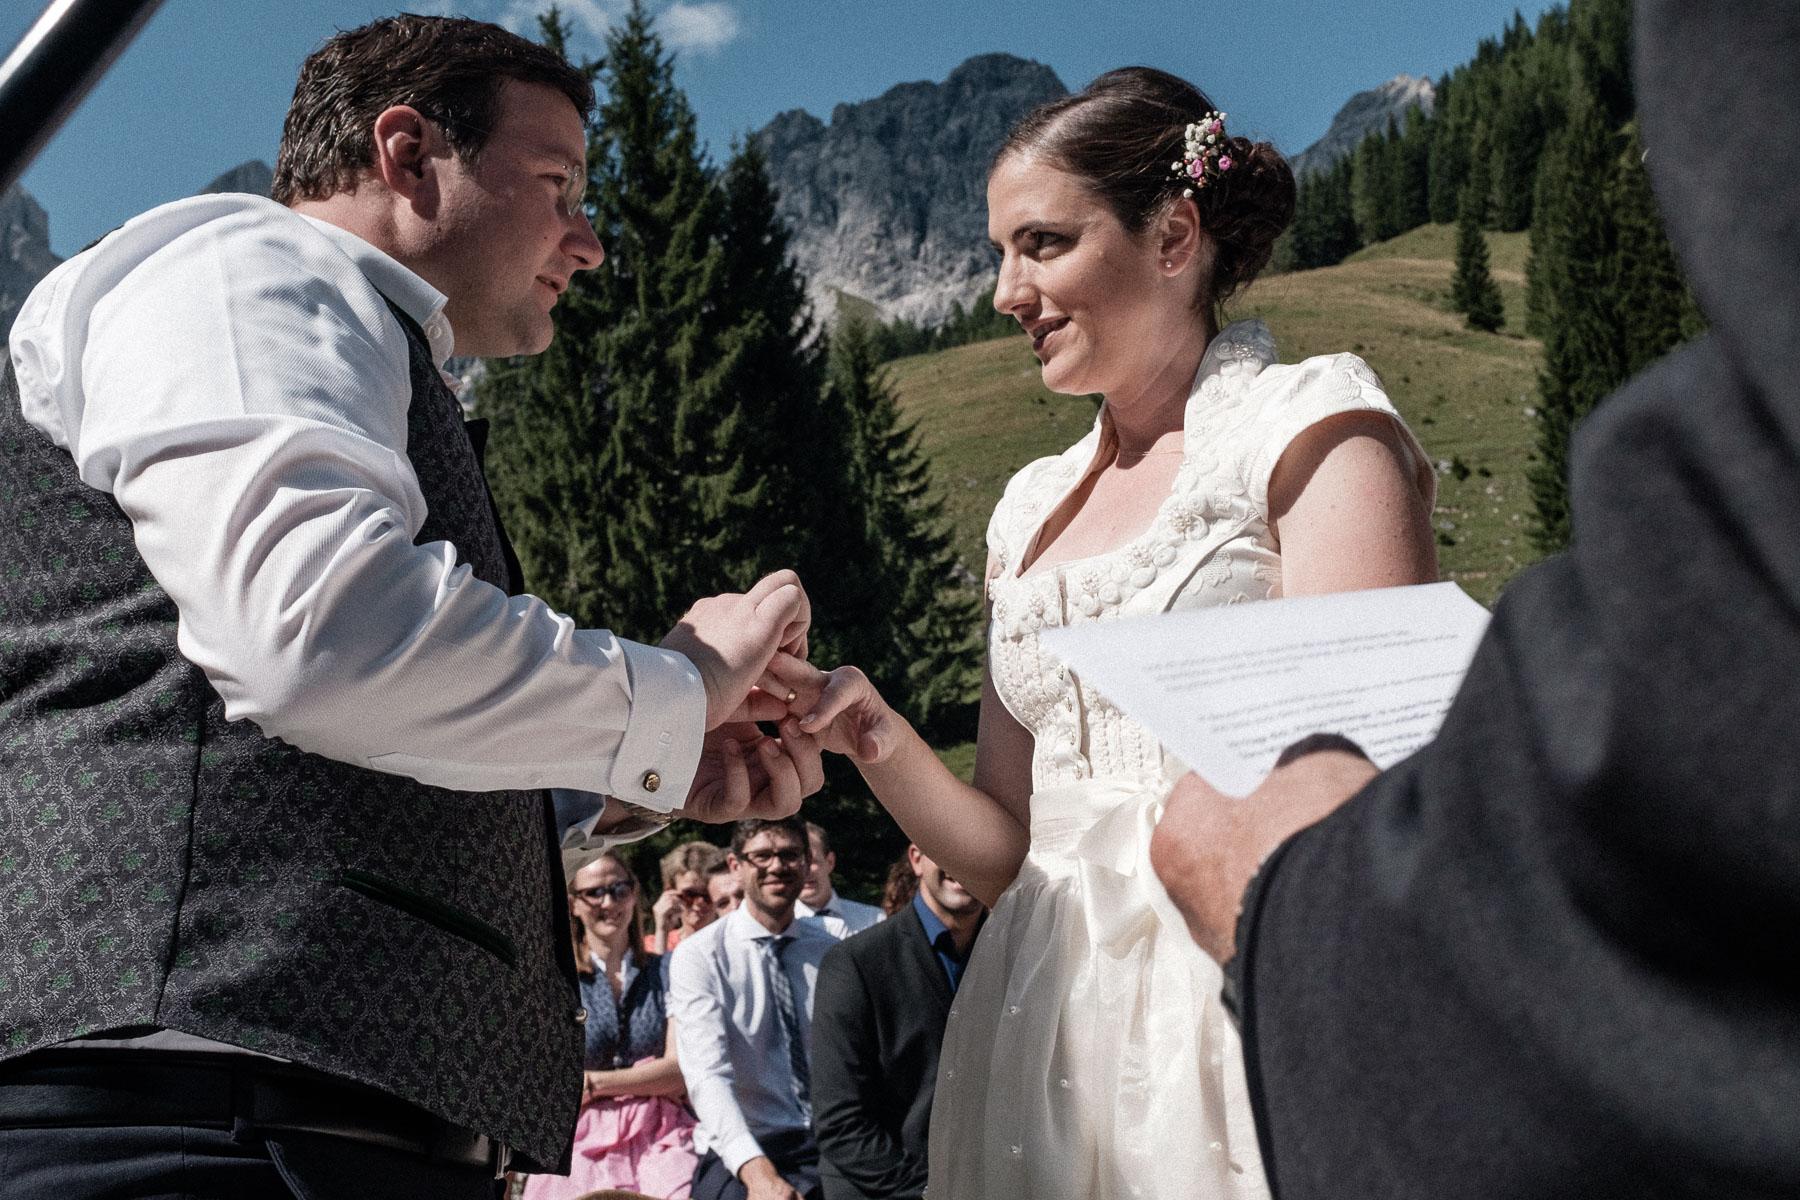 MartinLiebl_Hochzeitsfotograf_DPH_Blog_41.jpg